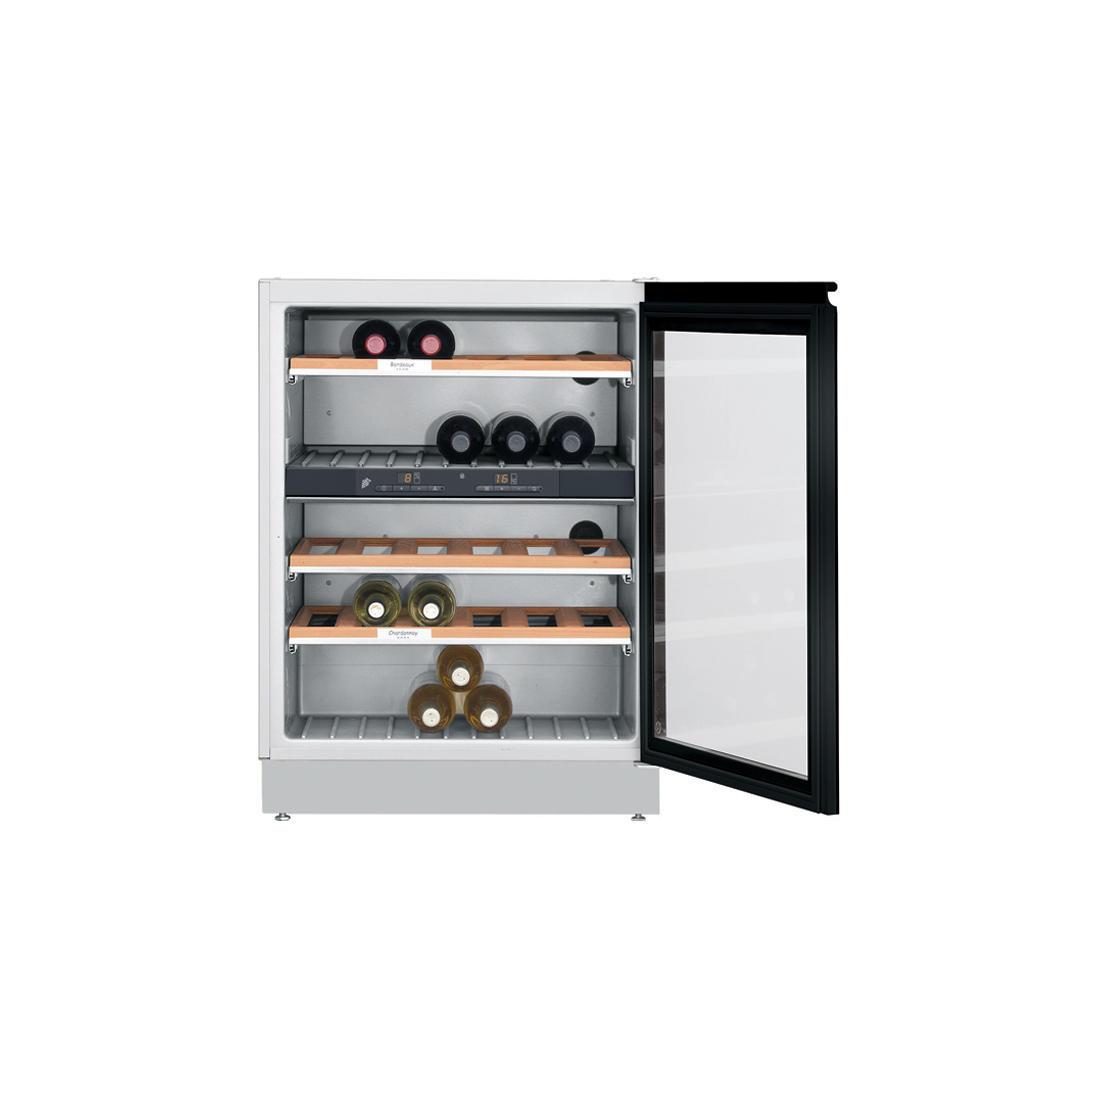 KWT 4154 UG-1 WEINTEMPERIERSCHRANK - Kühlschränke von Miele | Architonic